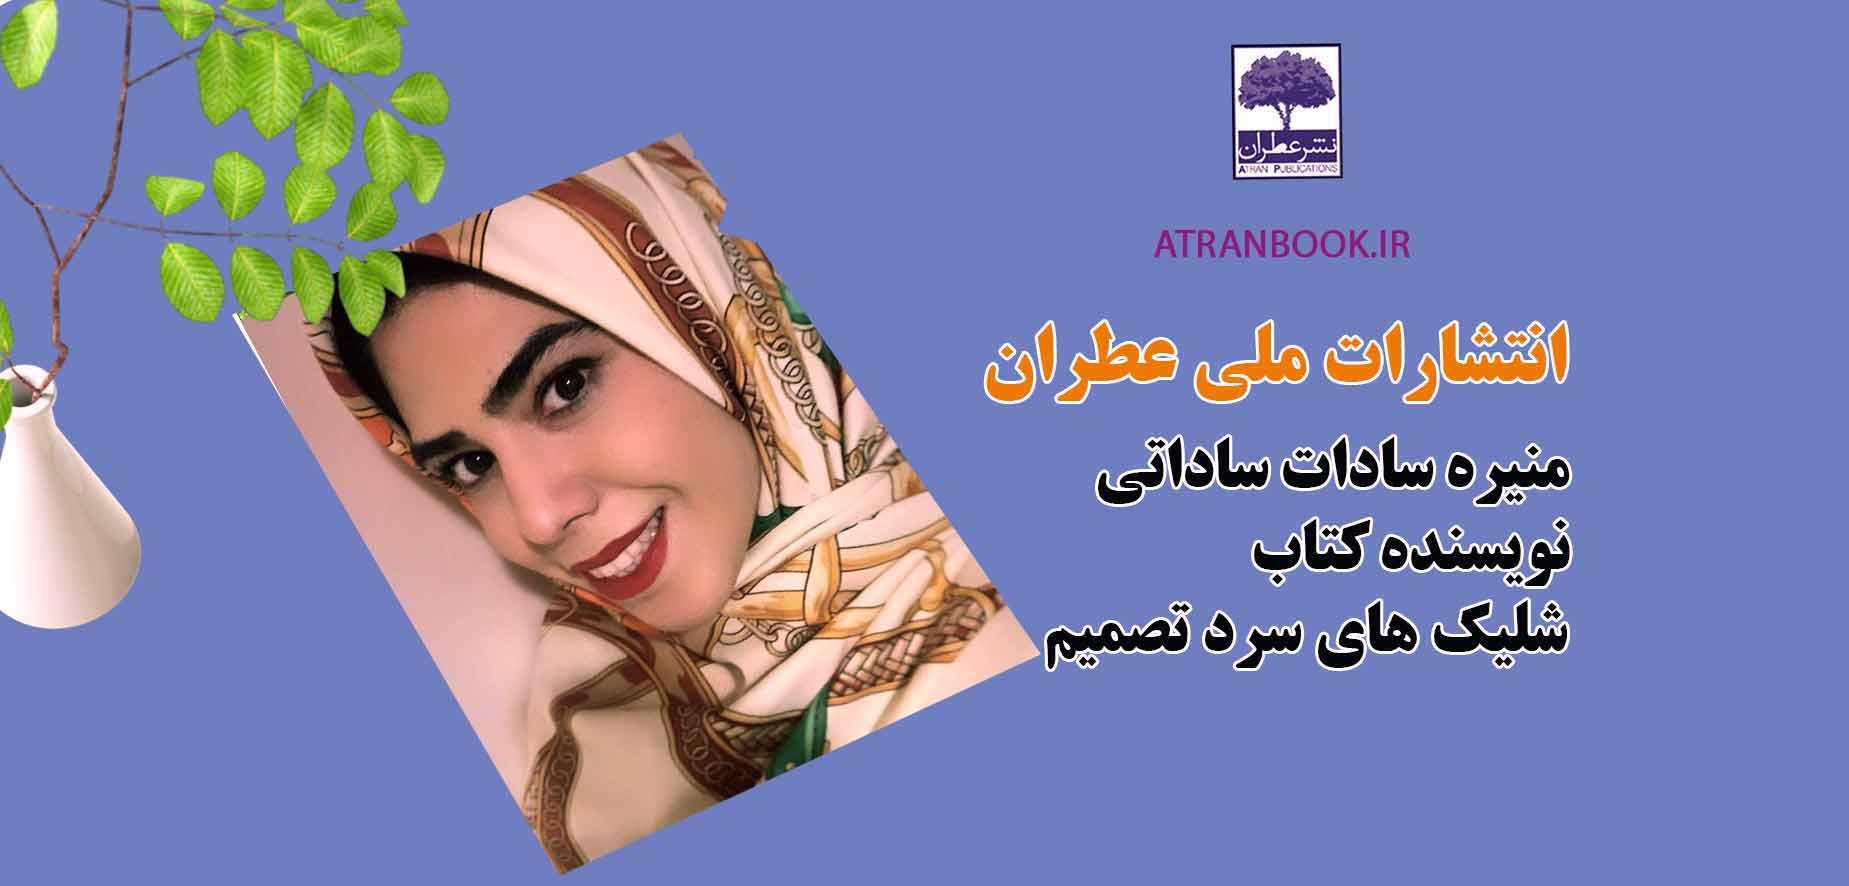 منیره سادات ساداتی: نویسنده کتاب